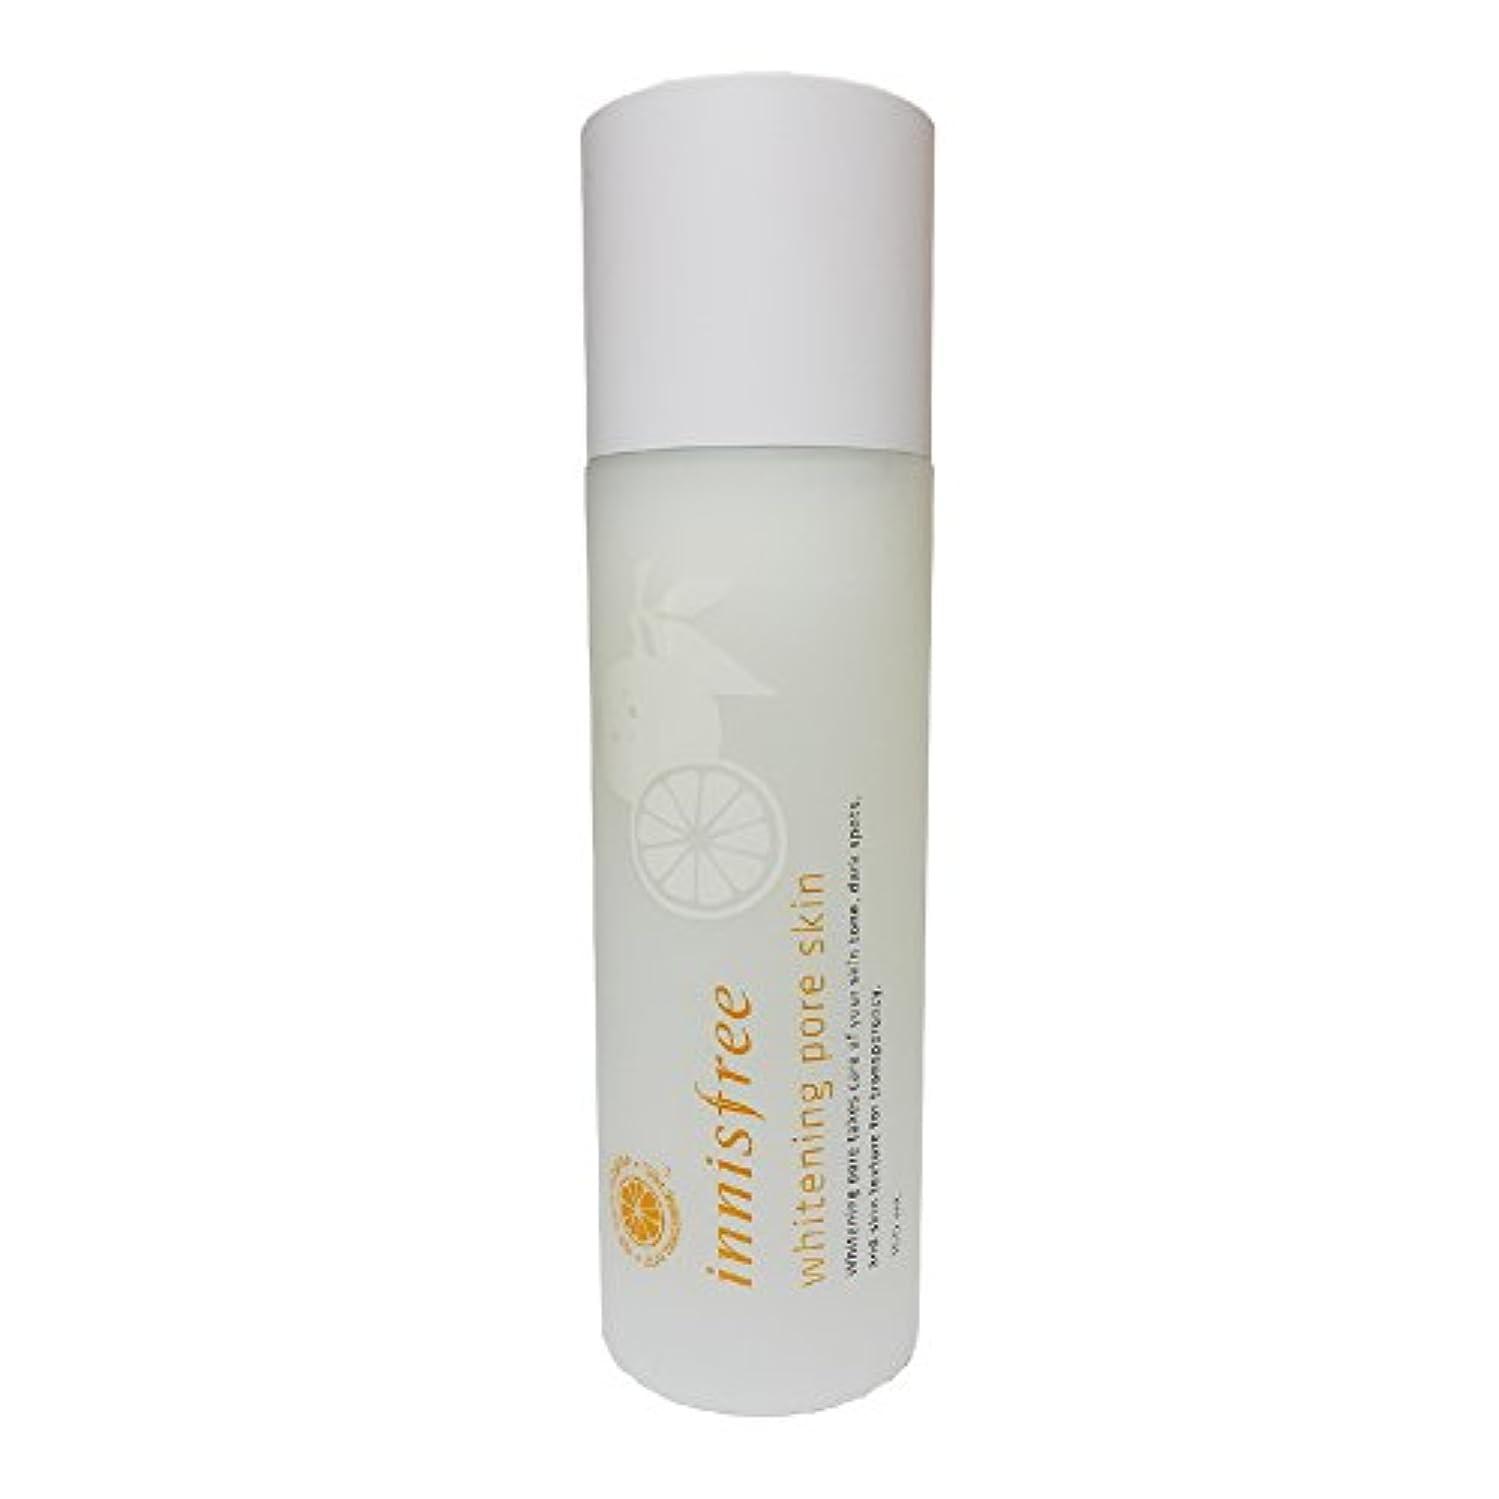 キウイ安価な体系的に[イニスフリー] Innisfree ホワイトニング毛穴スキン (150ml) Innisfree Whitening Pore Skin(150ml) [海外直送品]